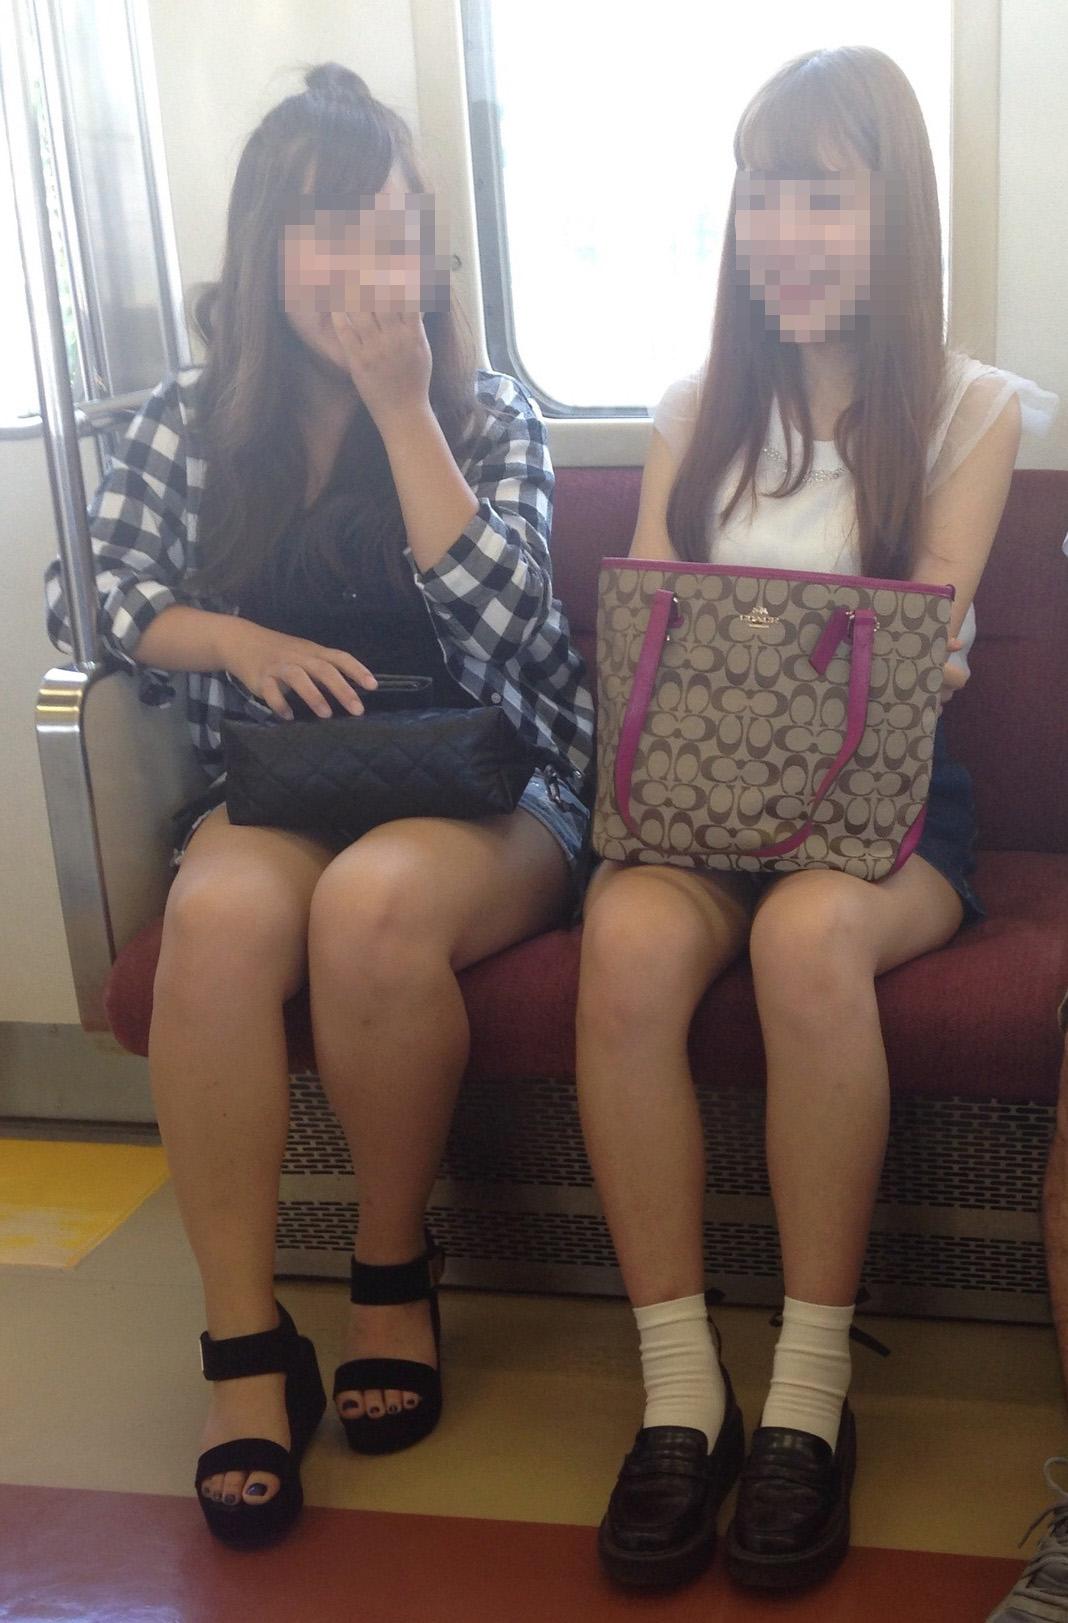 【美脚エロ画像】座席を見渡せば美脚!太ももが退屈させない電車移動(;´∀`)